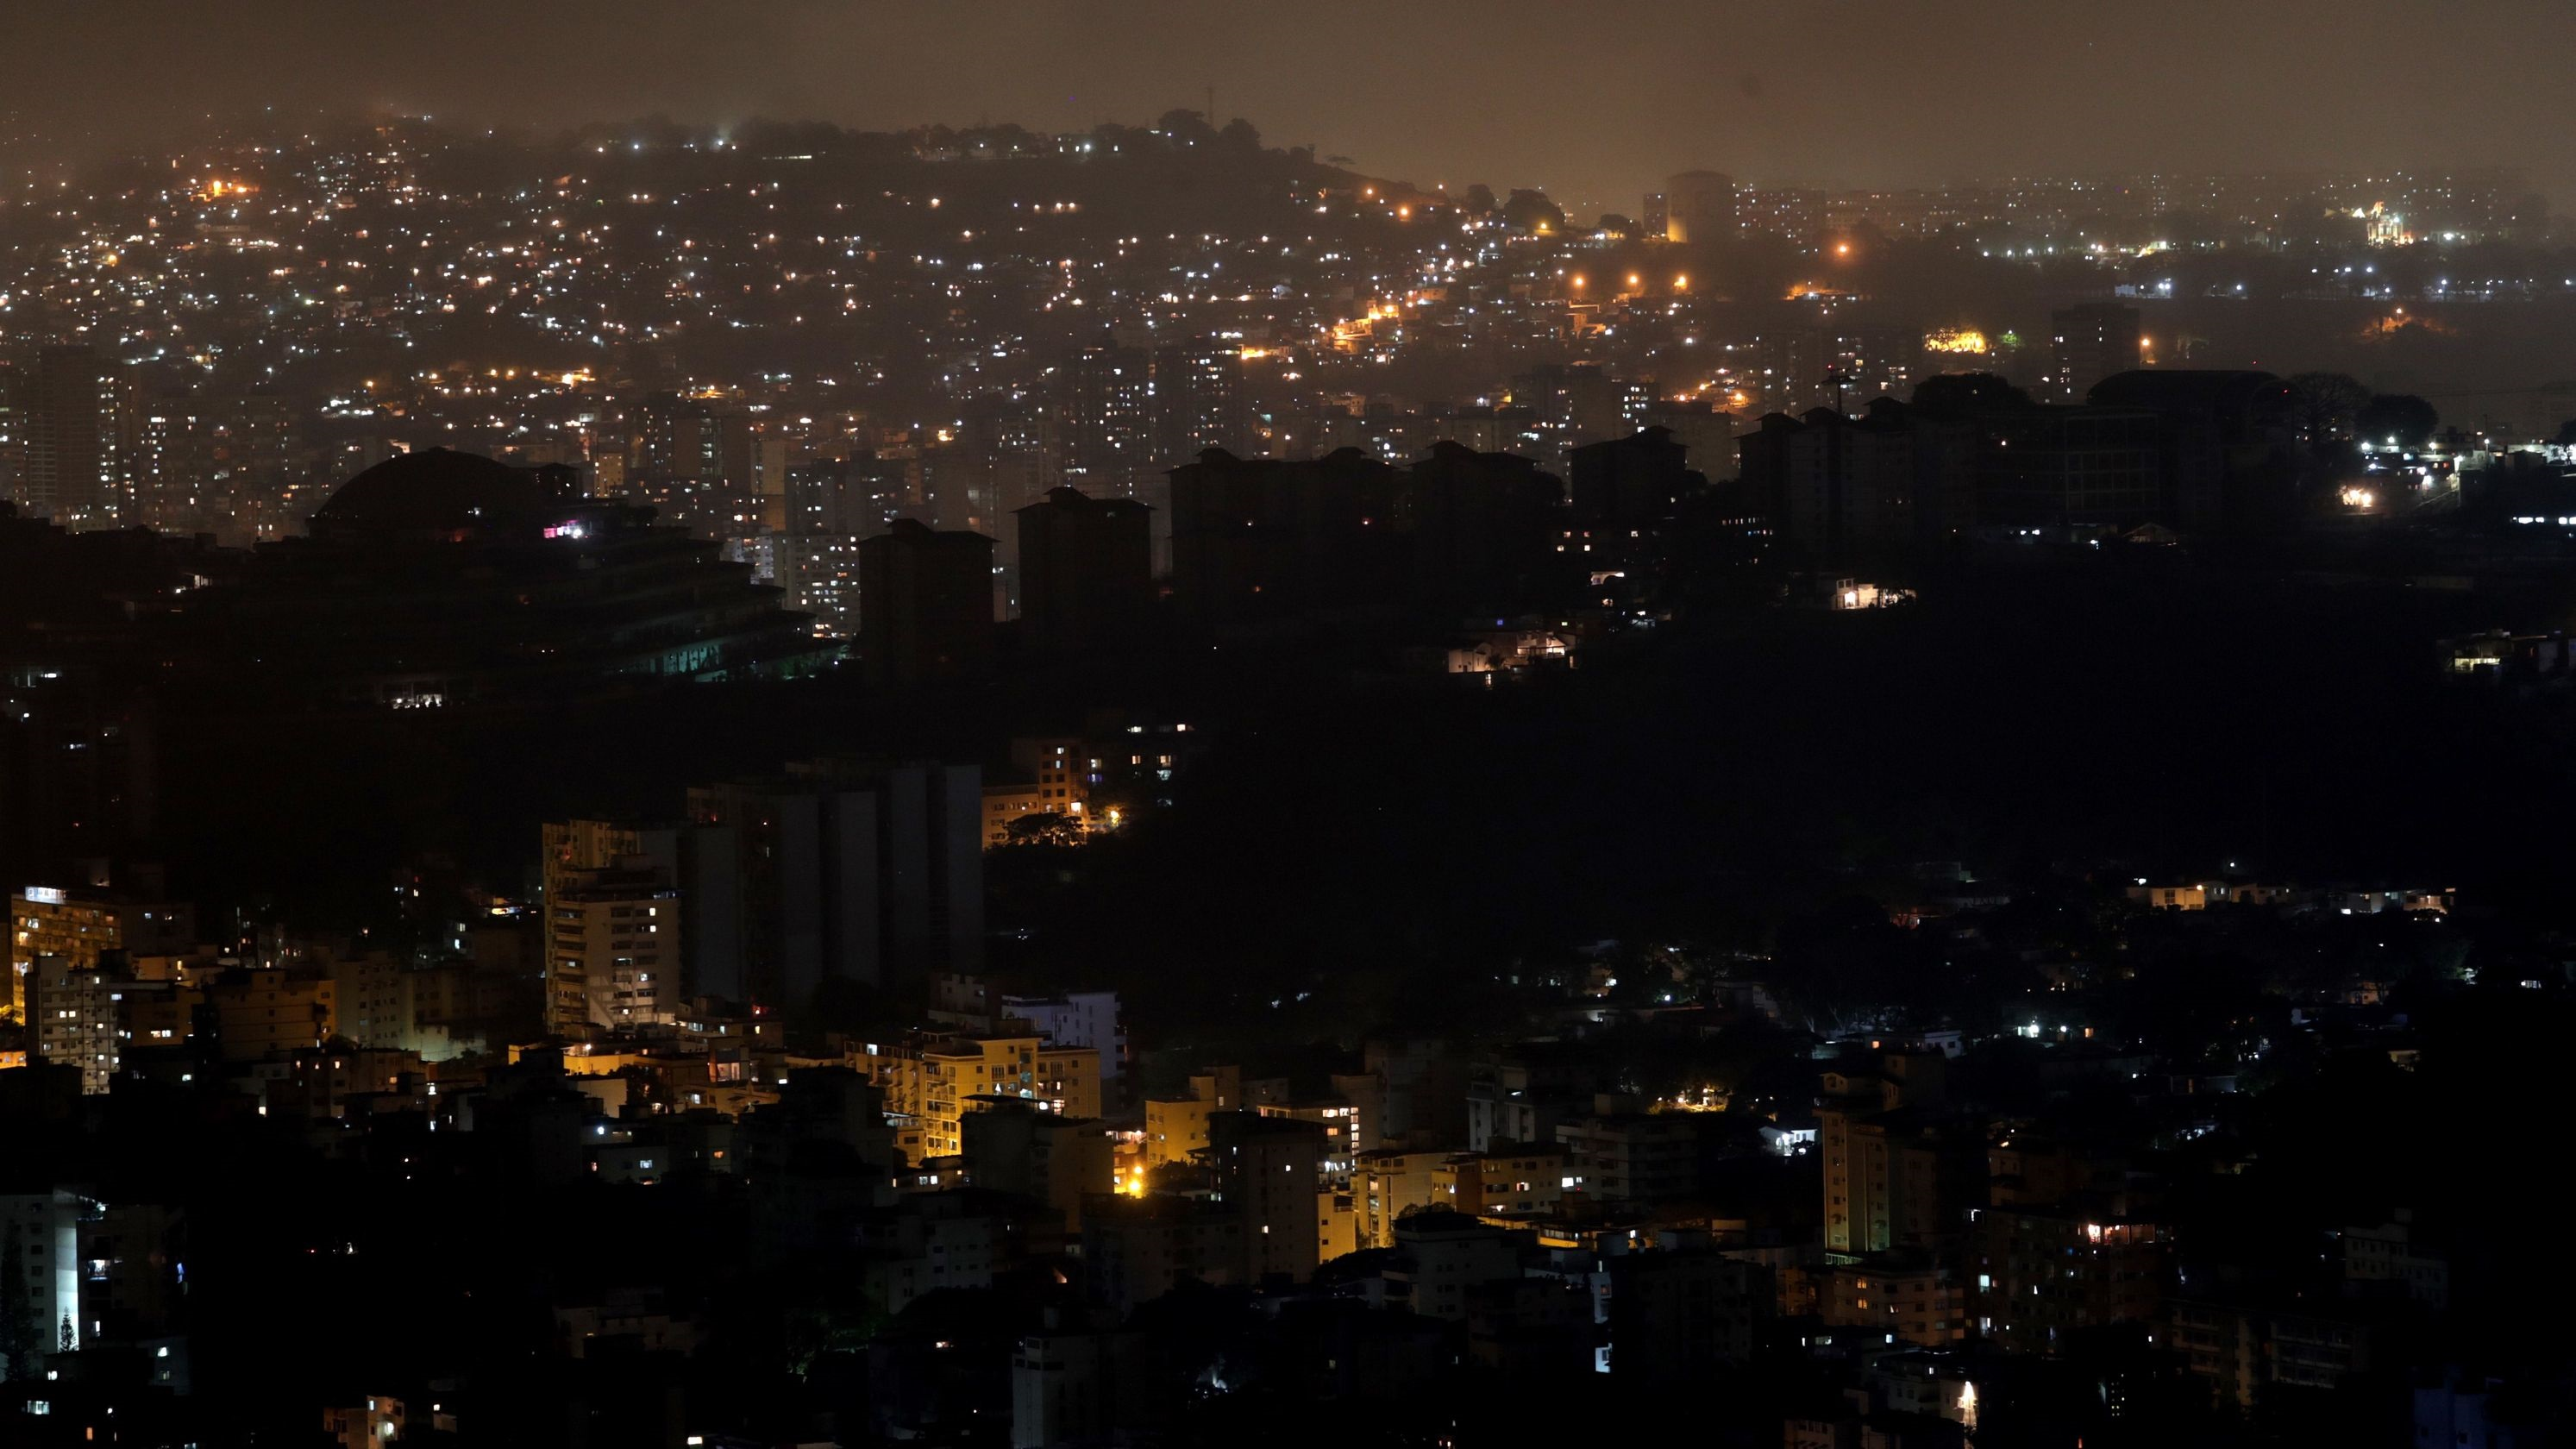 انقطاع الكهرباء مجددا عن مناطق واسعة في فنزويلا   صحيفة الاقتصادية